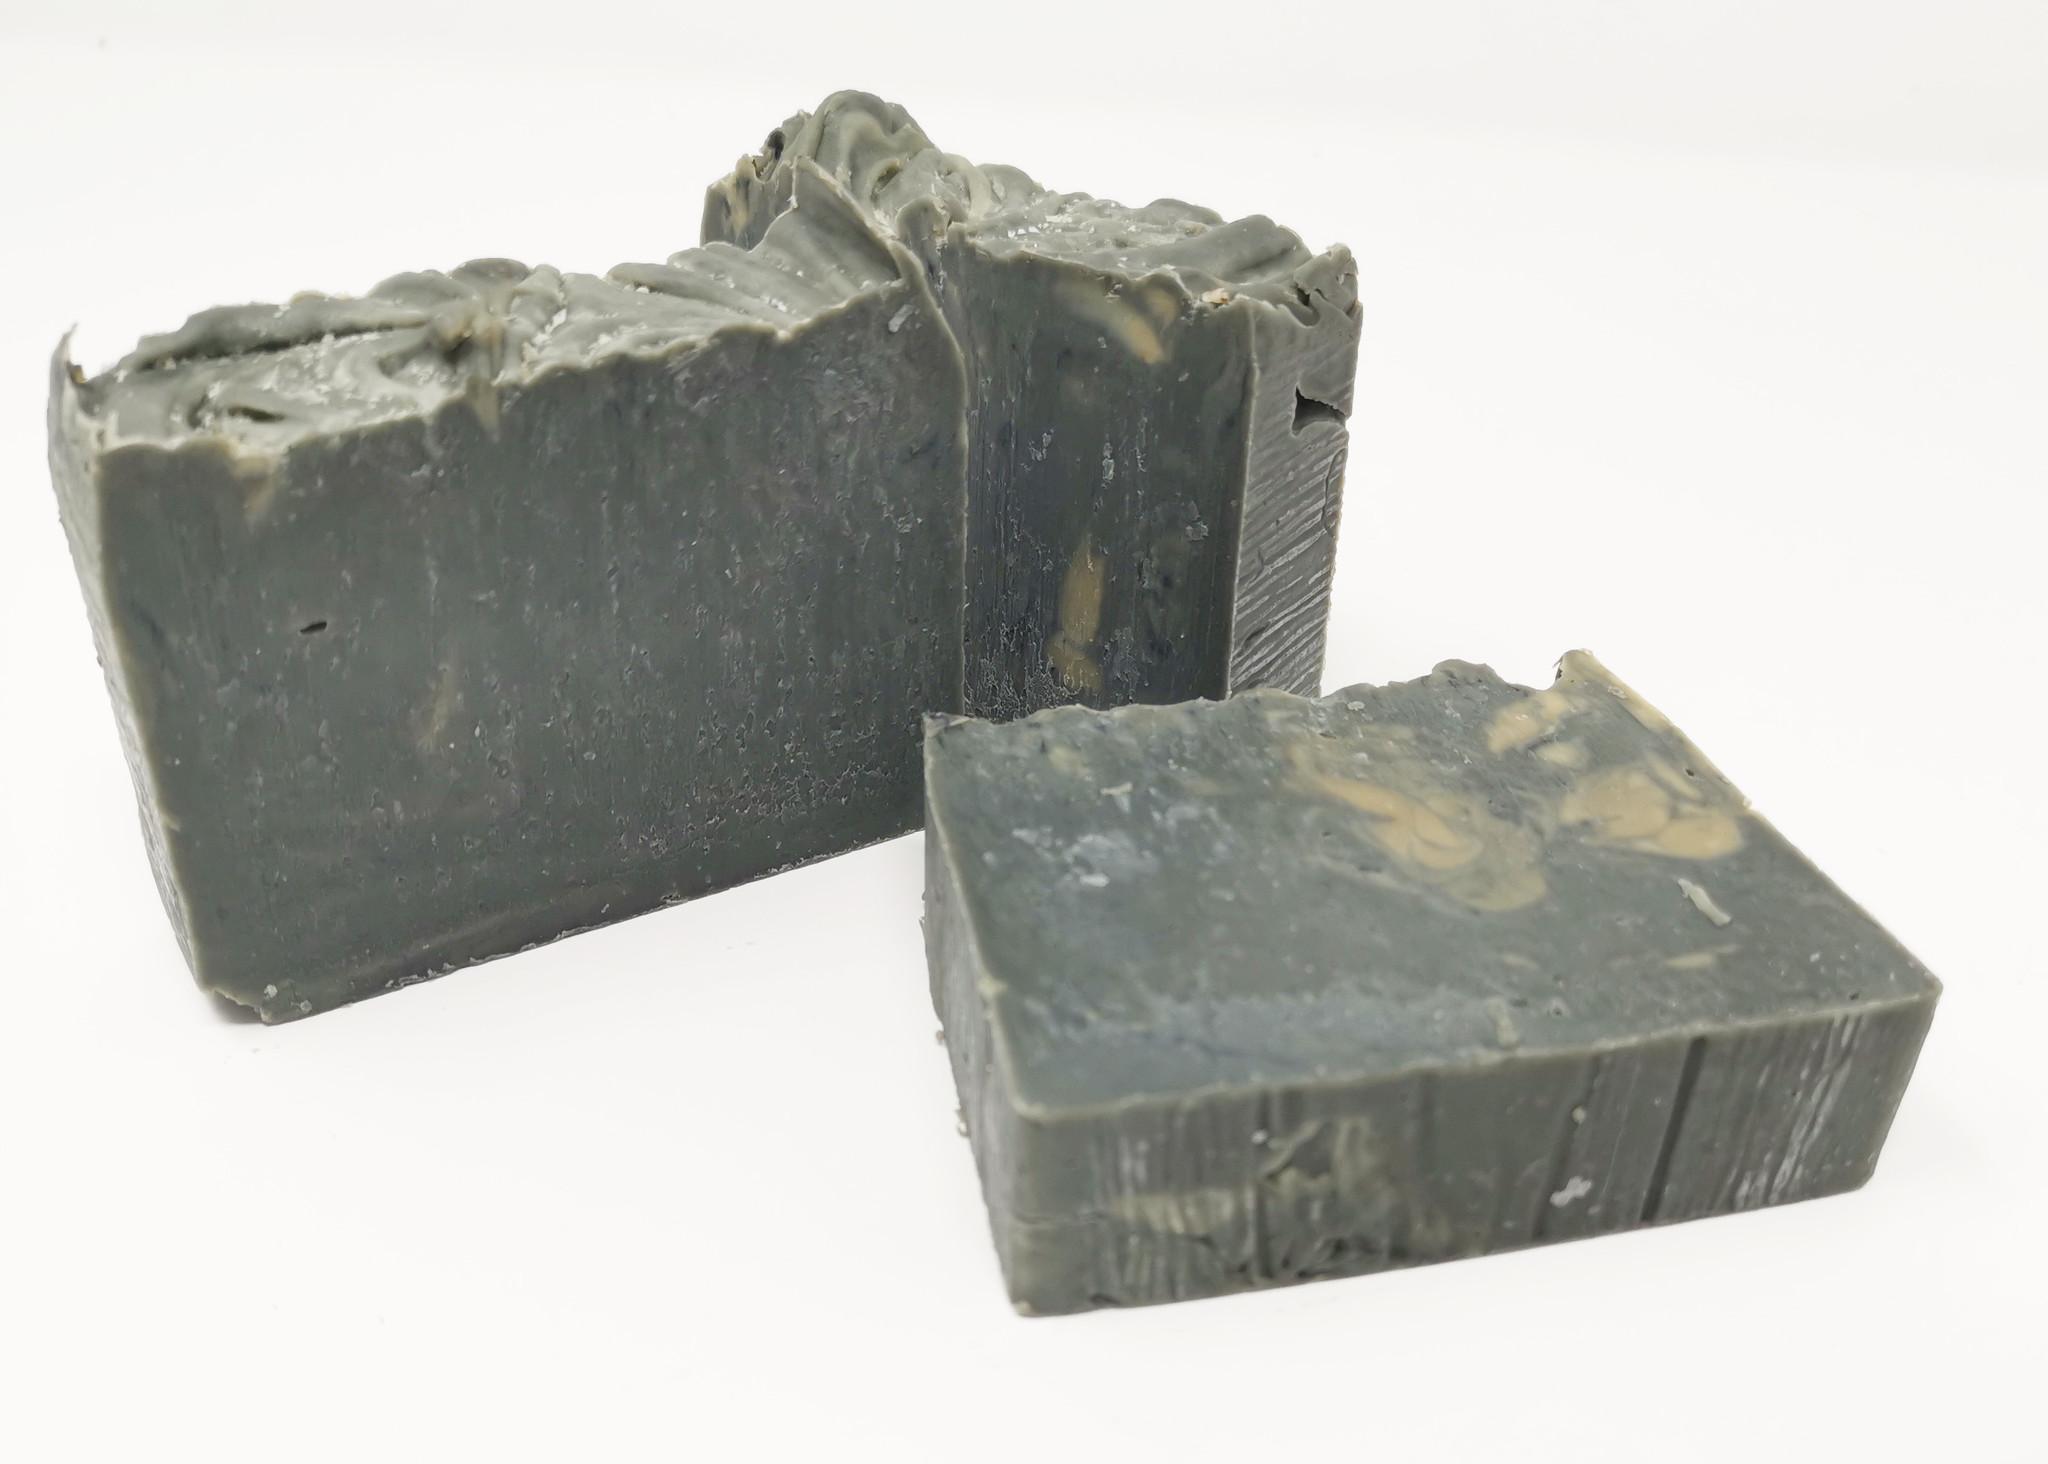 Canadian Glacial Clay Beauty Soap, Vegan